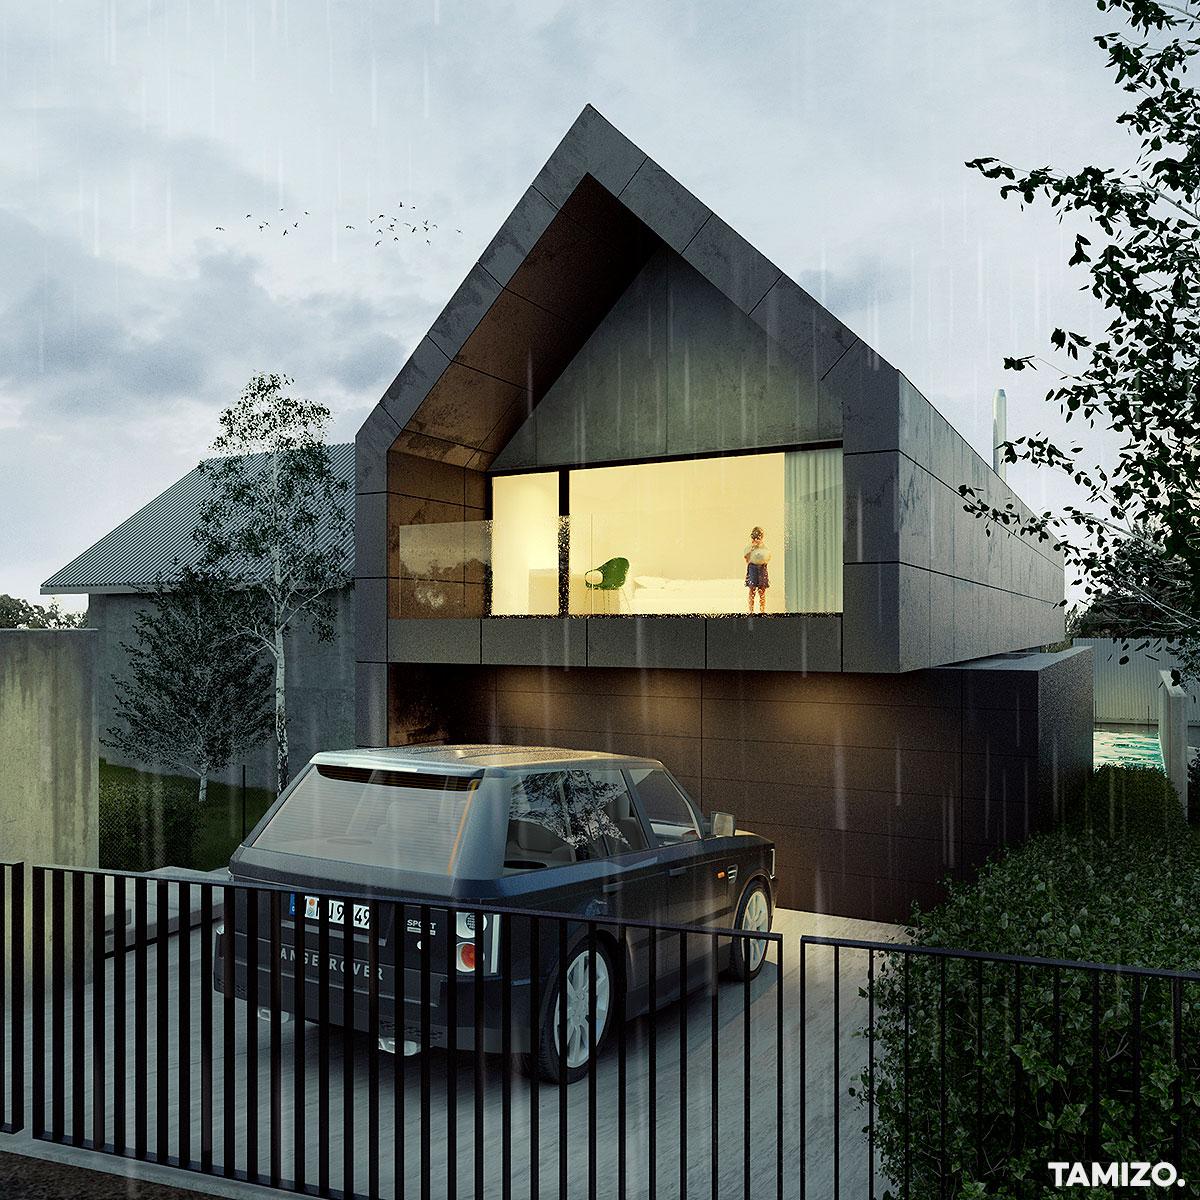 A059_tamizo_architekci_projekt_dom_jednorodzinny_krakow_spa_hilll_04